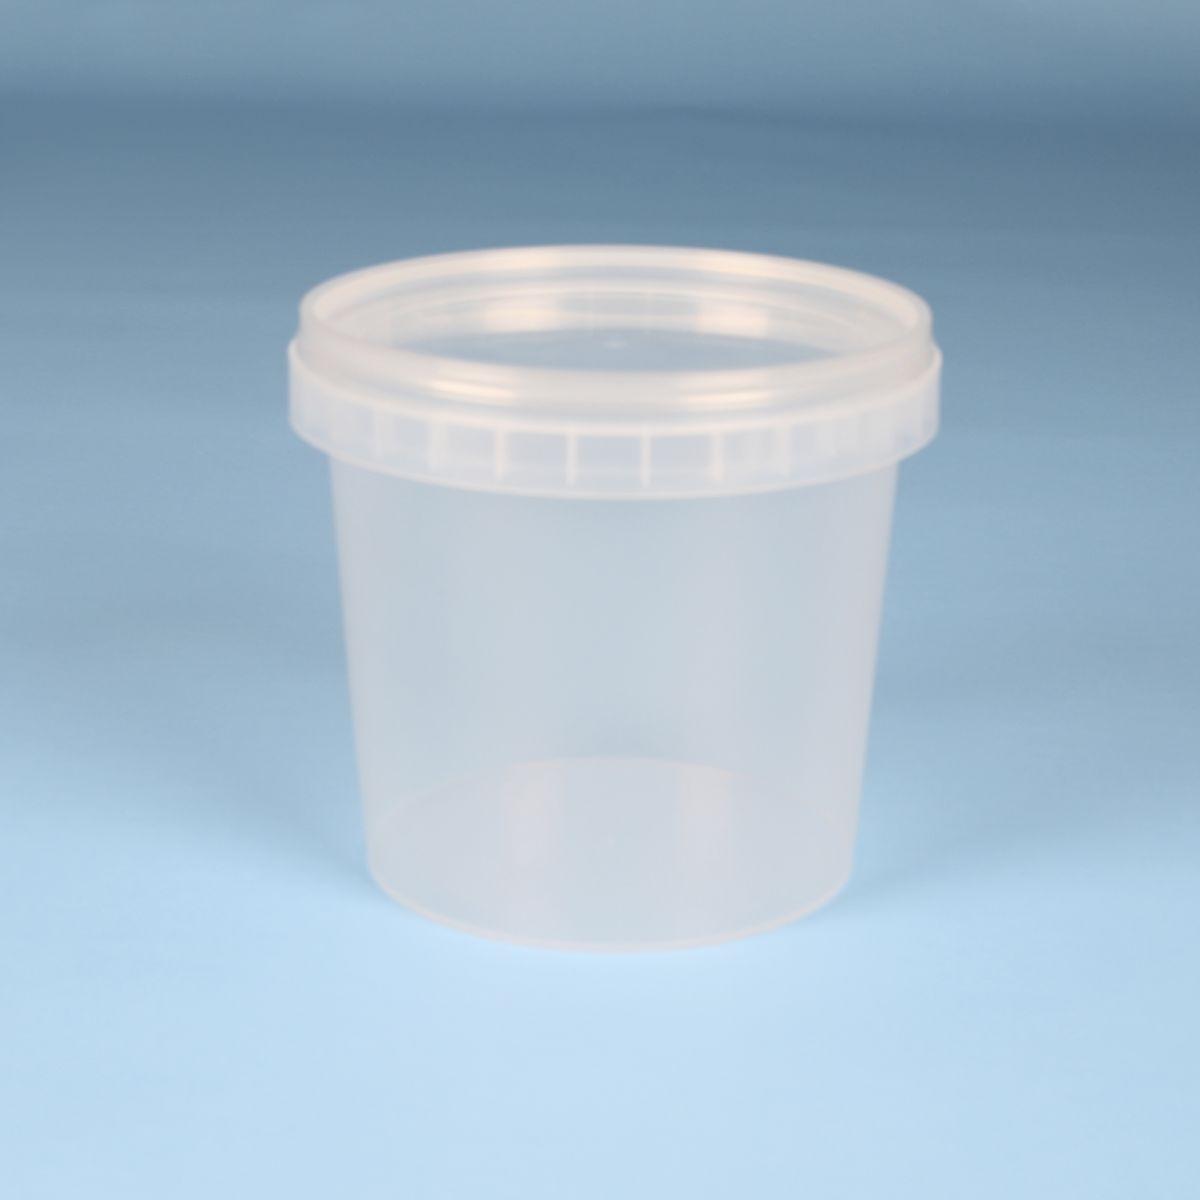 Barattolo in polipropilene per alimenti – Cod. 008020